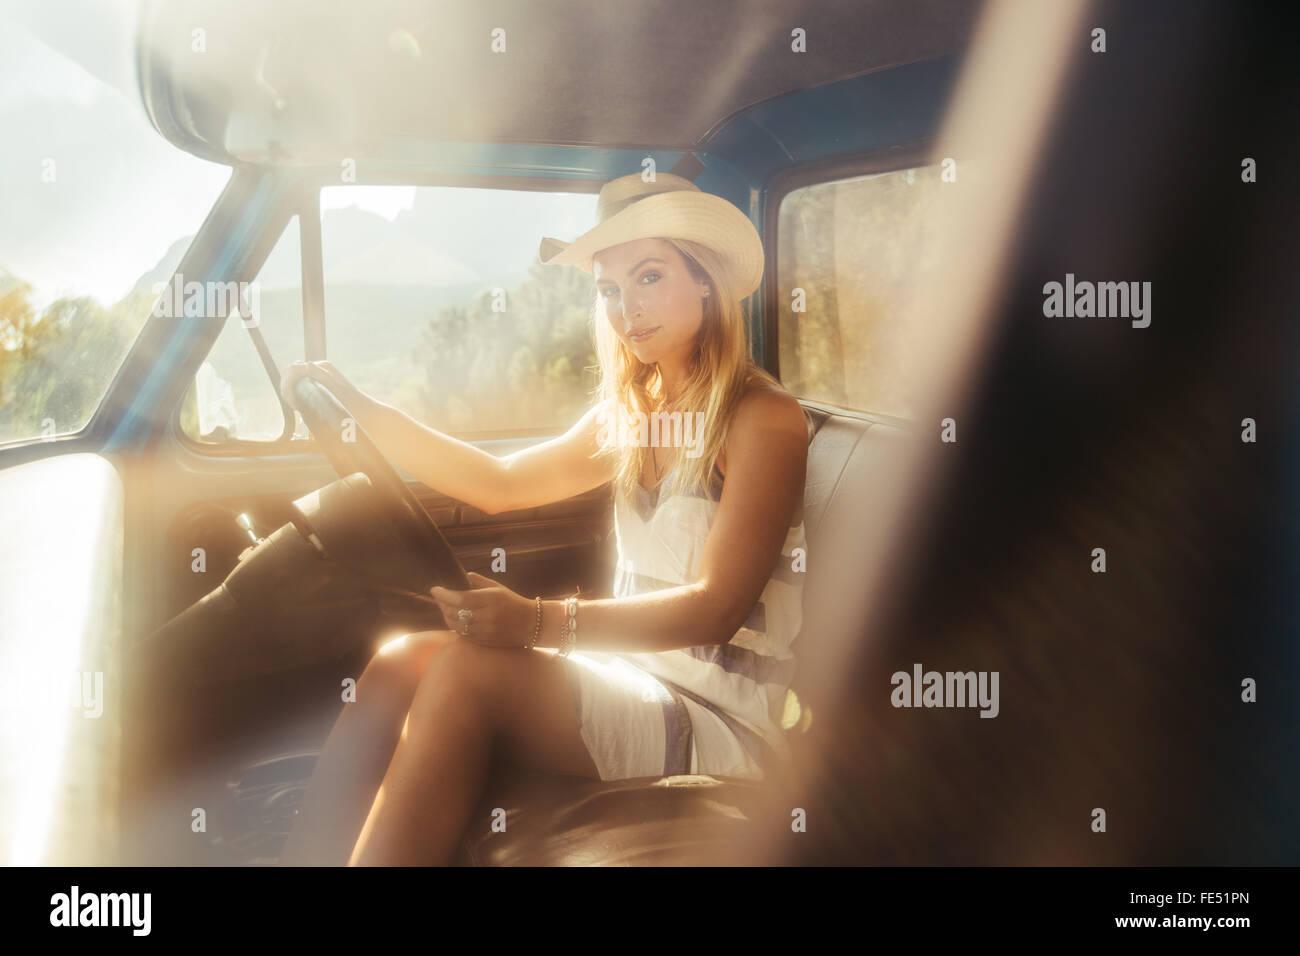 Ritratto di un giovane attraente donna che indossa un cappello alla guida di una vettura sulla giornata di sole Immagini Stock